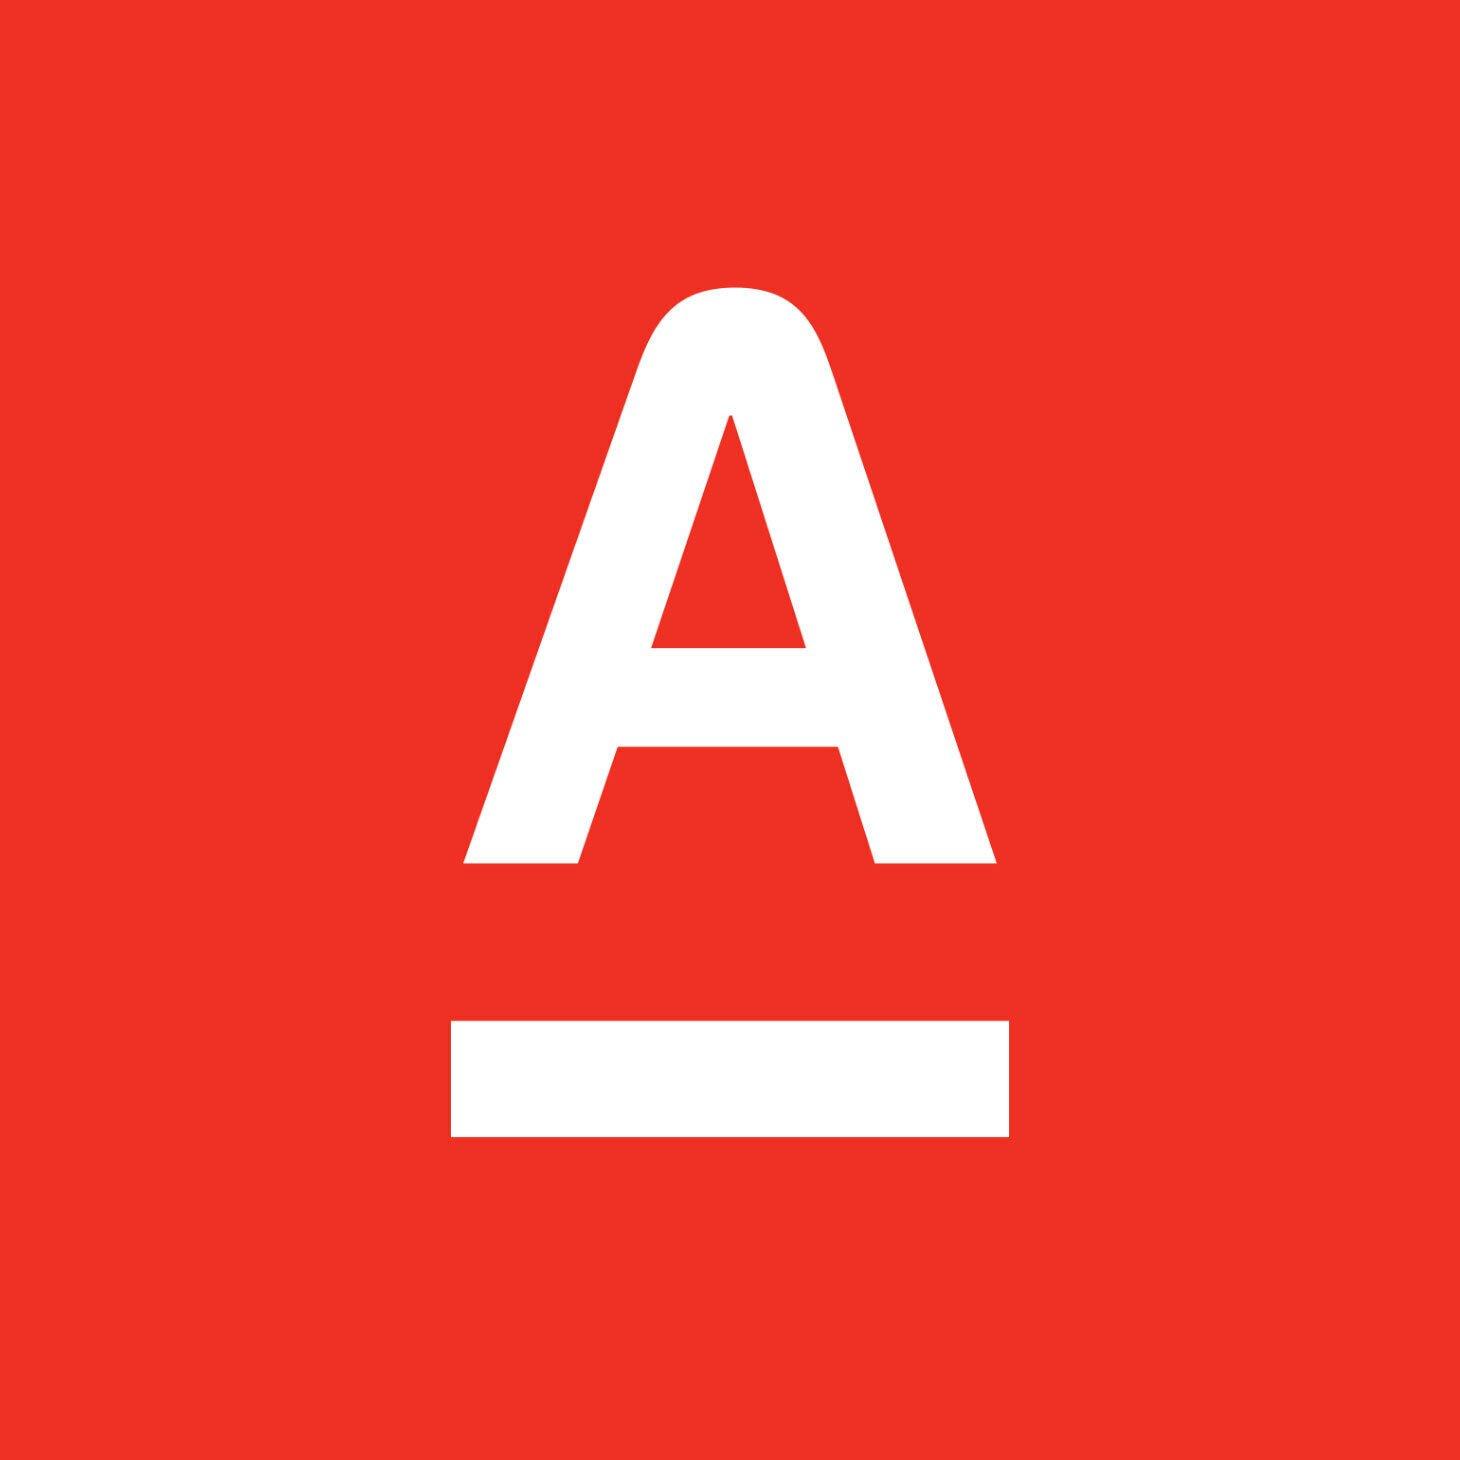 Alf_7